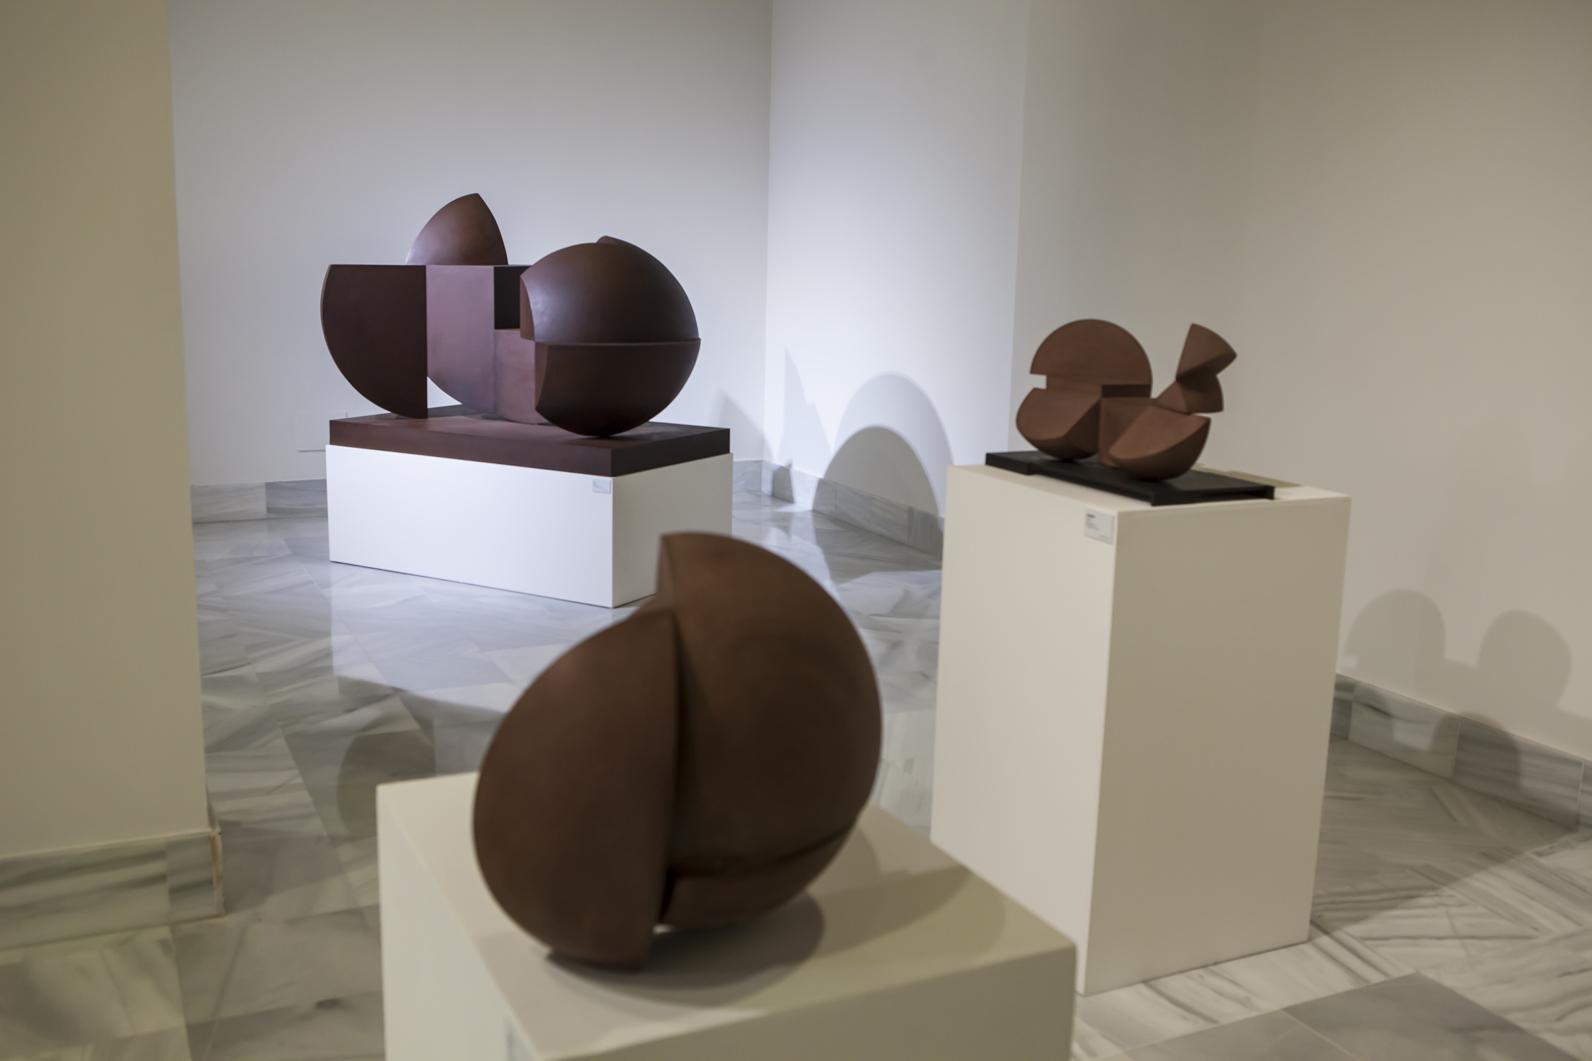 Detalle de la una de las salas de la exposición La esfera íntima en la Casa de Iberoamérica (Cádiz), 2014. Foto: Custo Tejero.